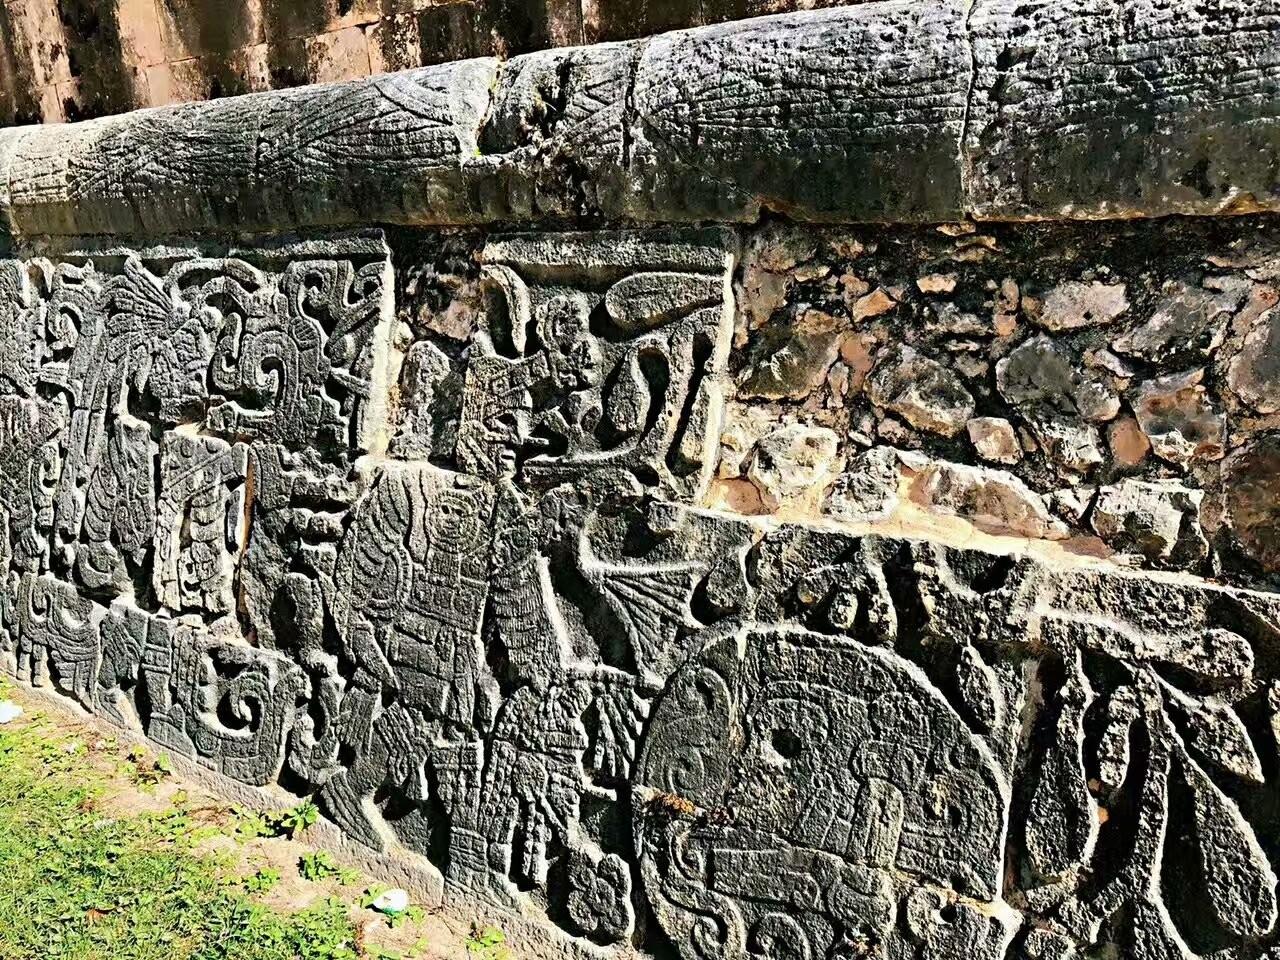 墨西哥奇琴伊察玛雅文化遗迹(图)_图1-9